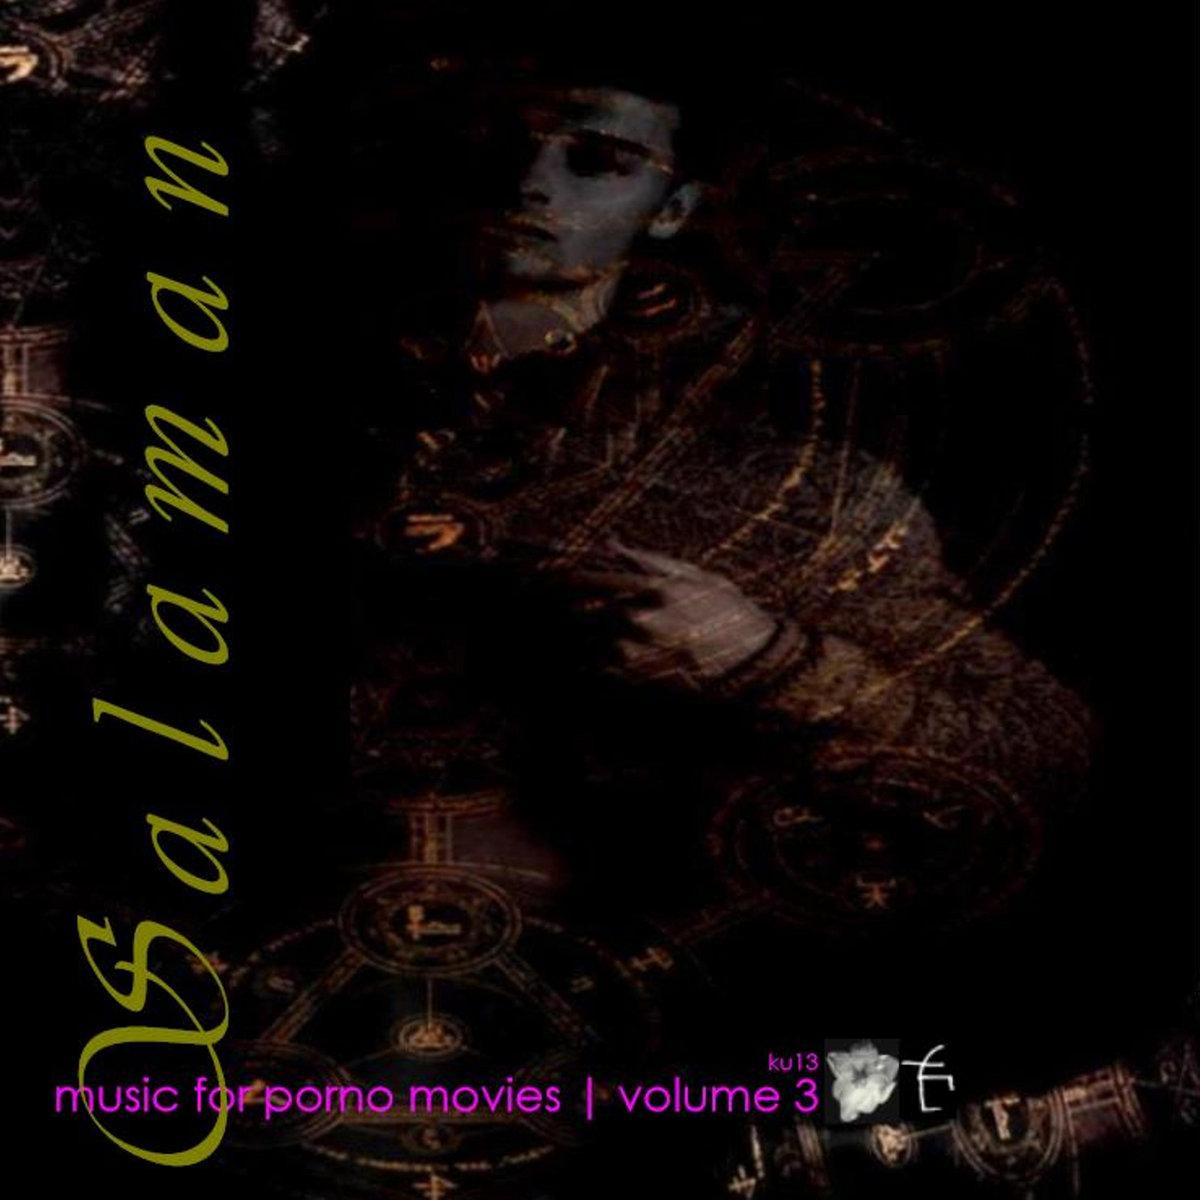 3 Movies Porno salaman: music for porno movies #3 (cata54) | various artists